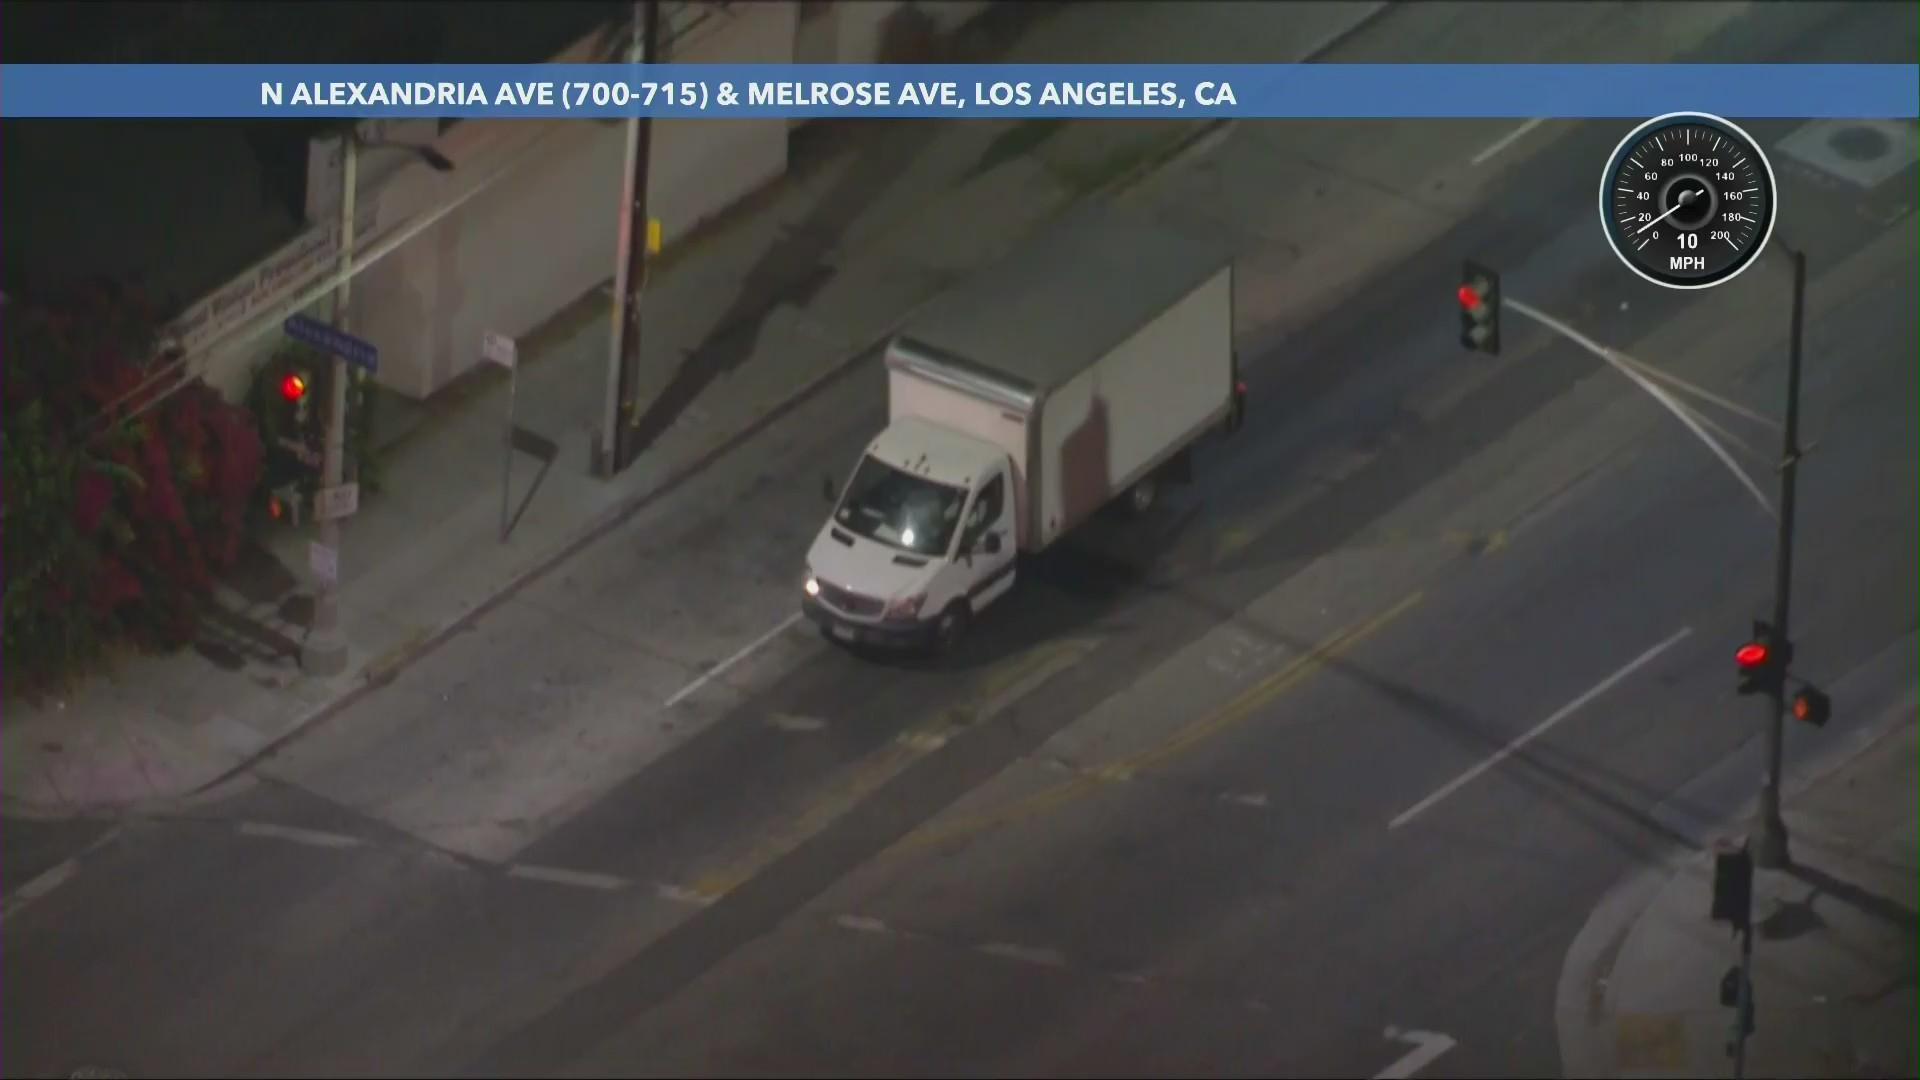 Authorities pursued a truck on Oct. 26, 2020. (KTLA)